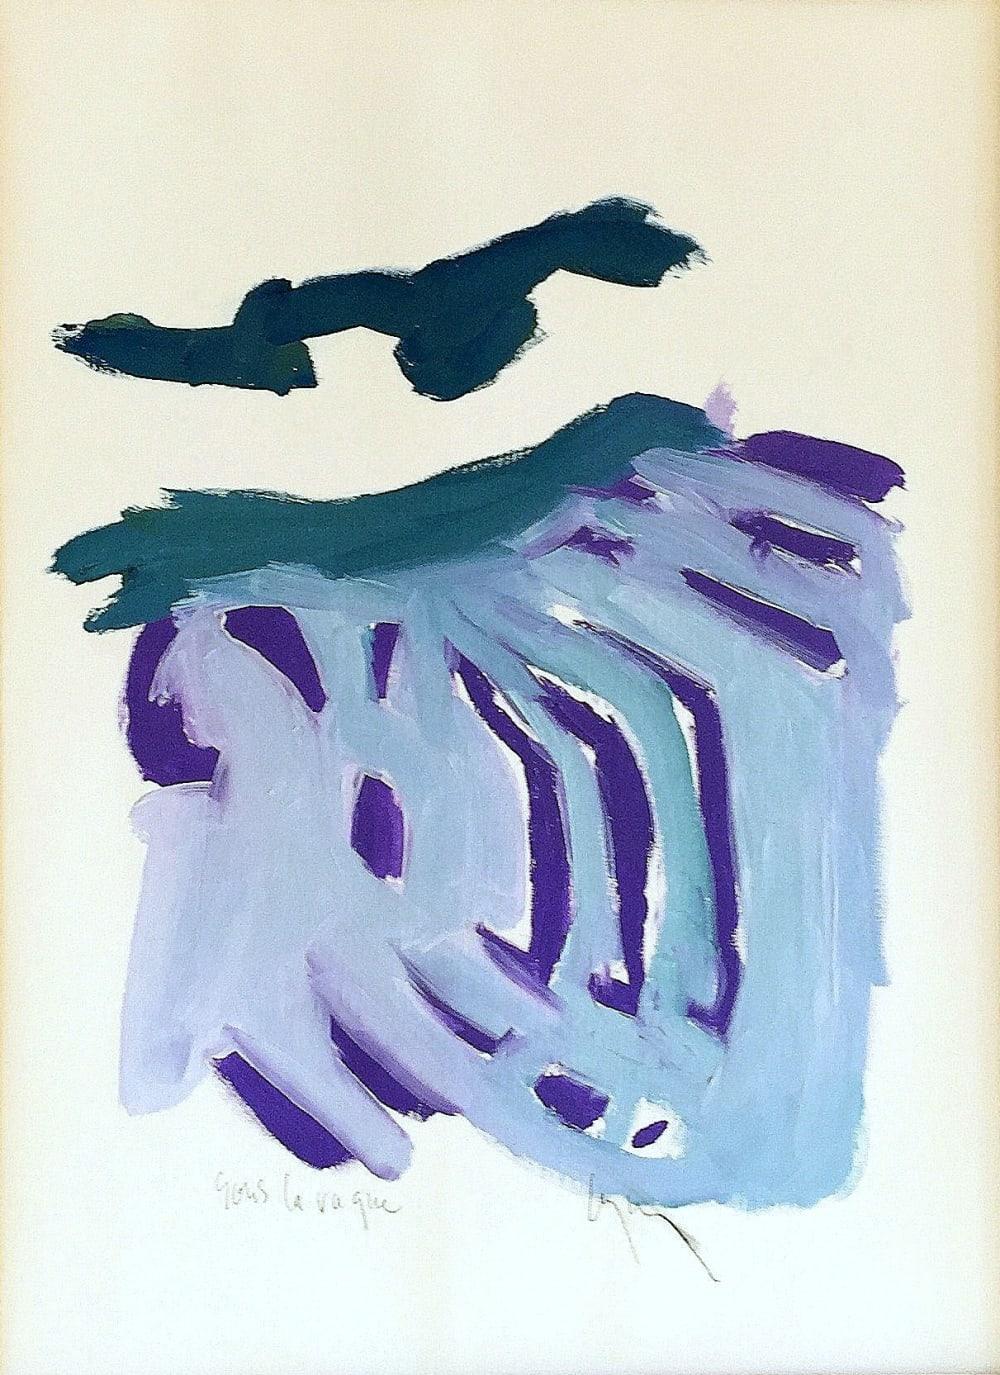 Sous la vigne - Nathalie Leverger